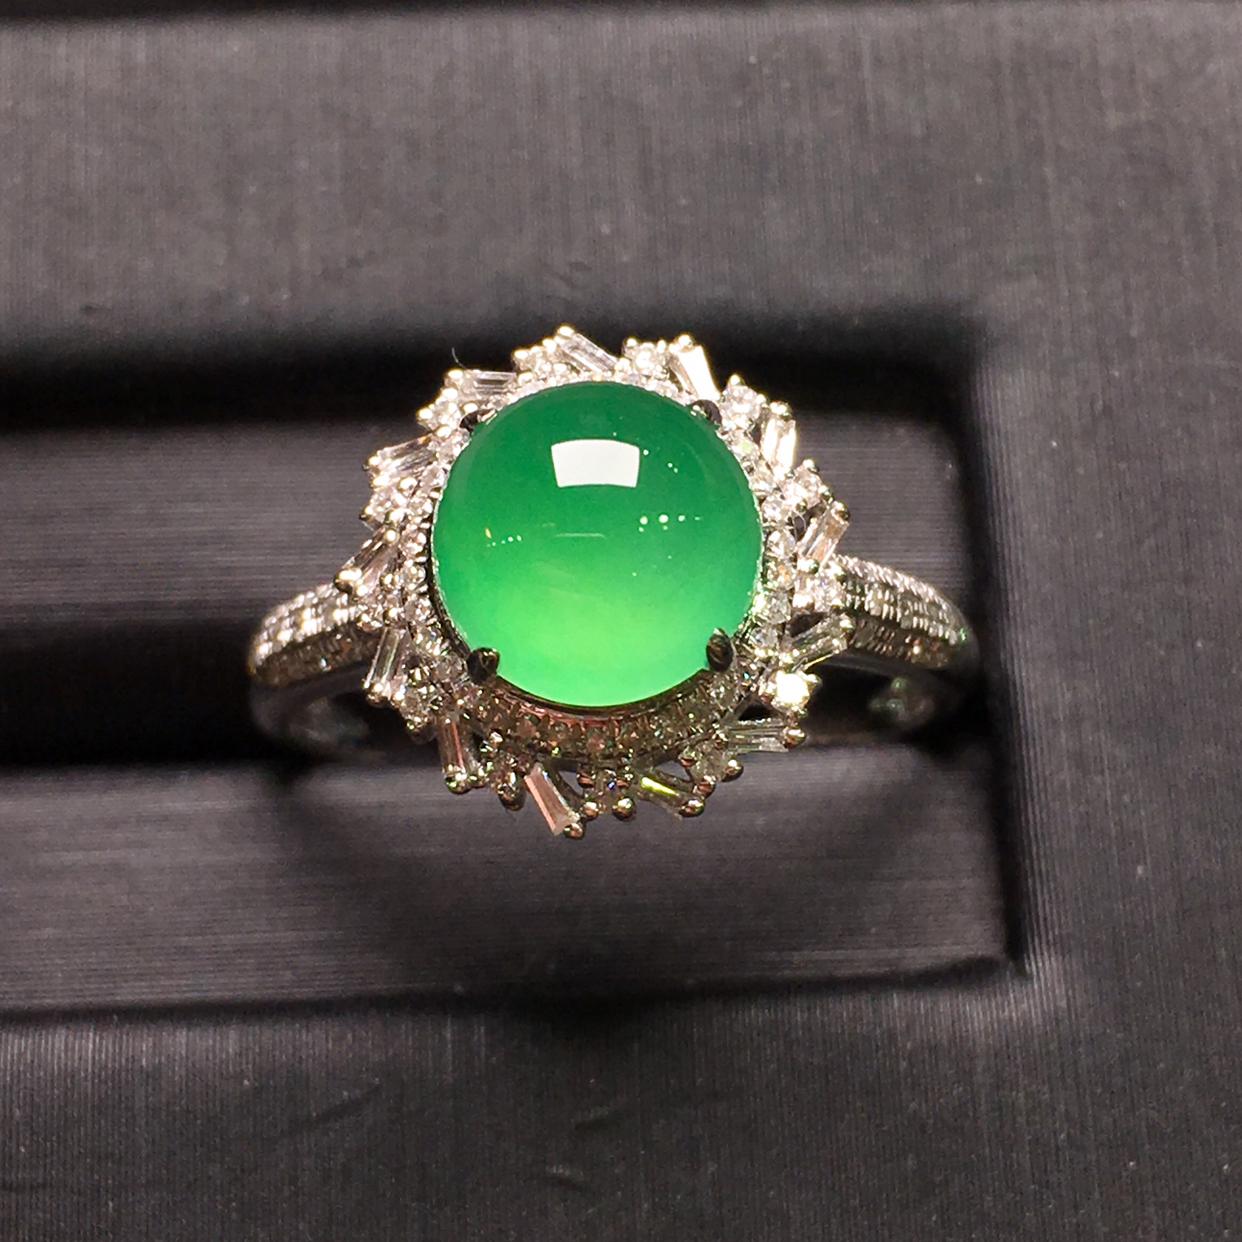 冰阳绿蛋面女戒指,18k金豪华镶钻,无纹无裂,种好色好,质量杠杠的,性价比超高